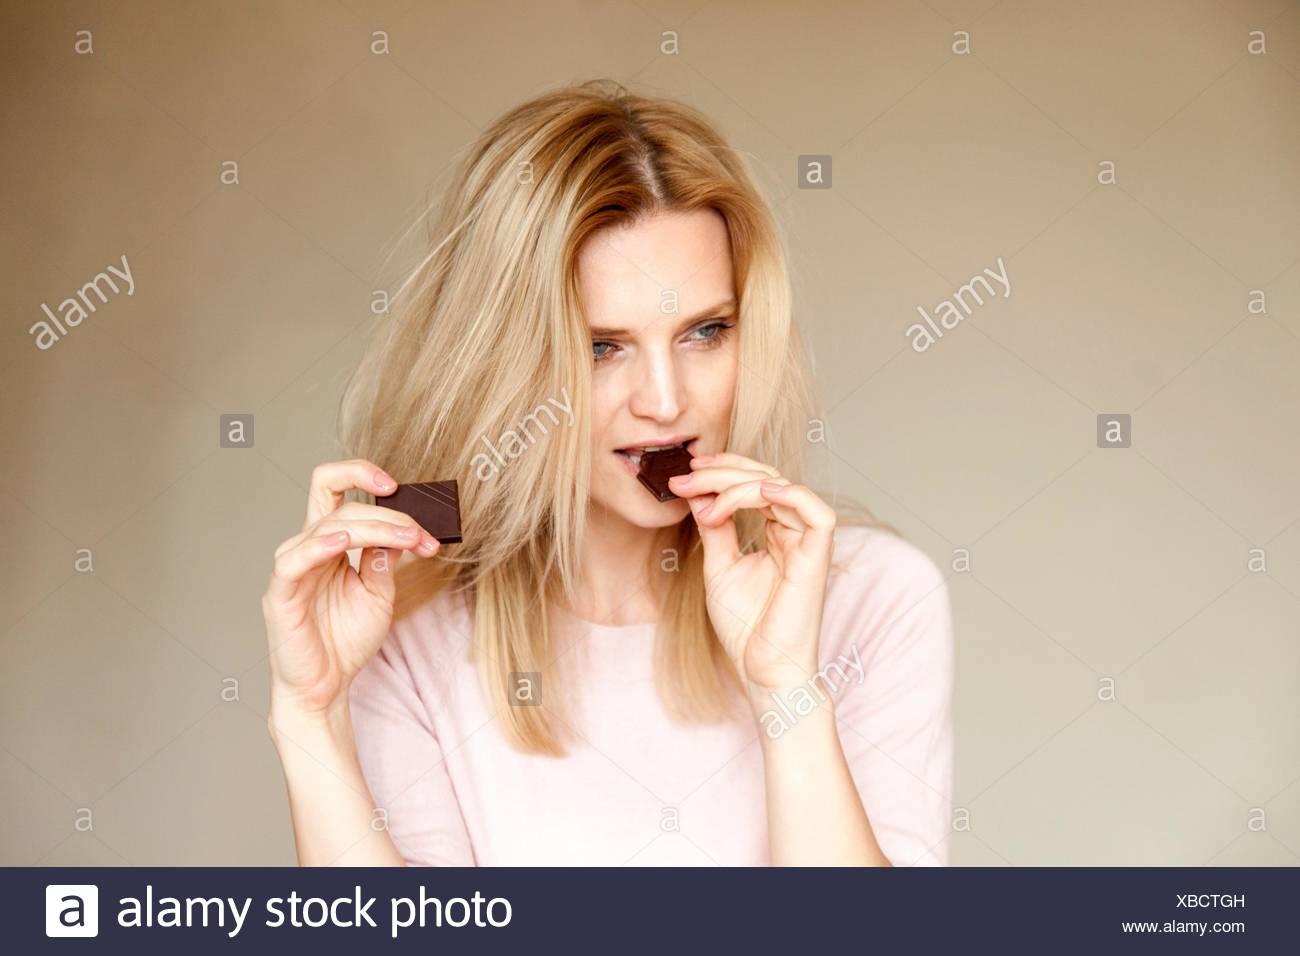 Ritratto di bella donna con capelli lunghi biondi mangiando cioccolato bar Immagini Stock